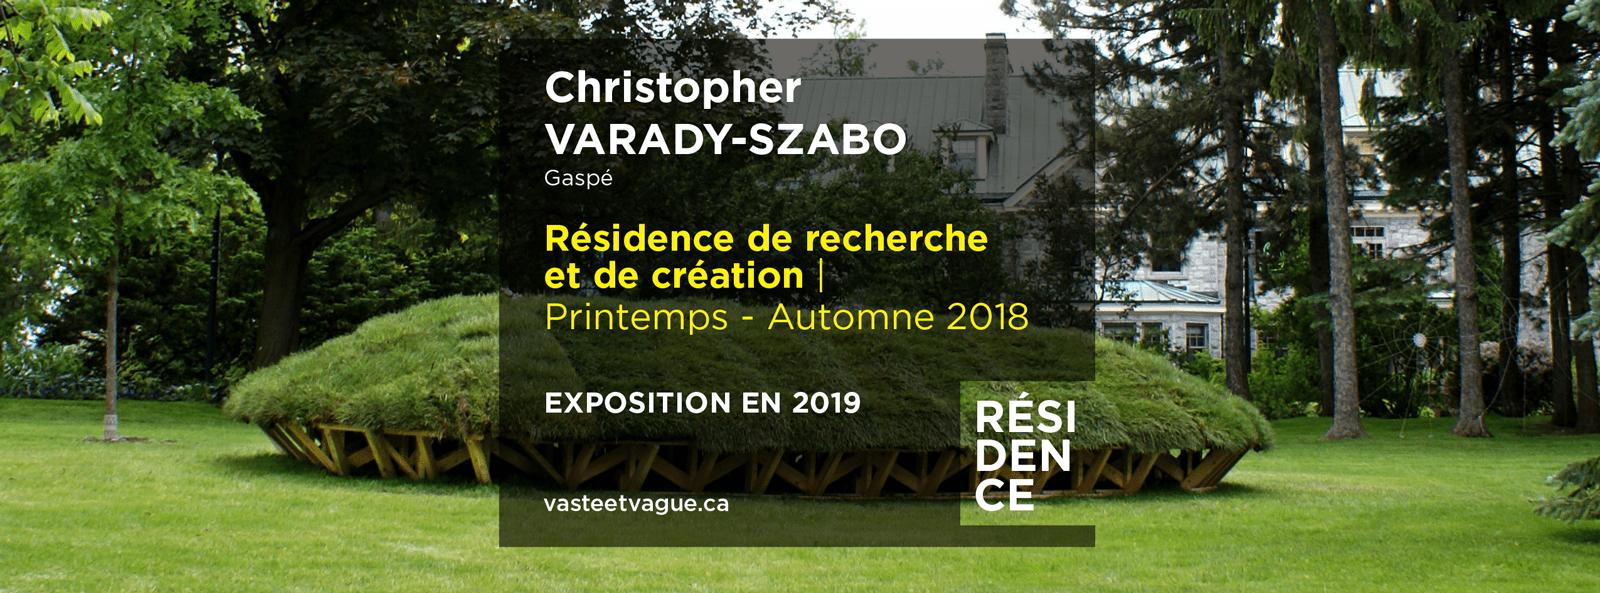 Christopher VARADY-SZABO, Gaspé | Centre d'artistes Vaste et Vague